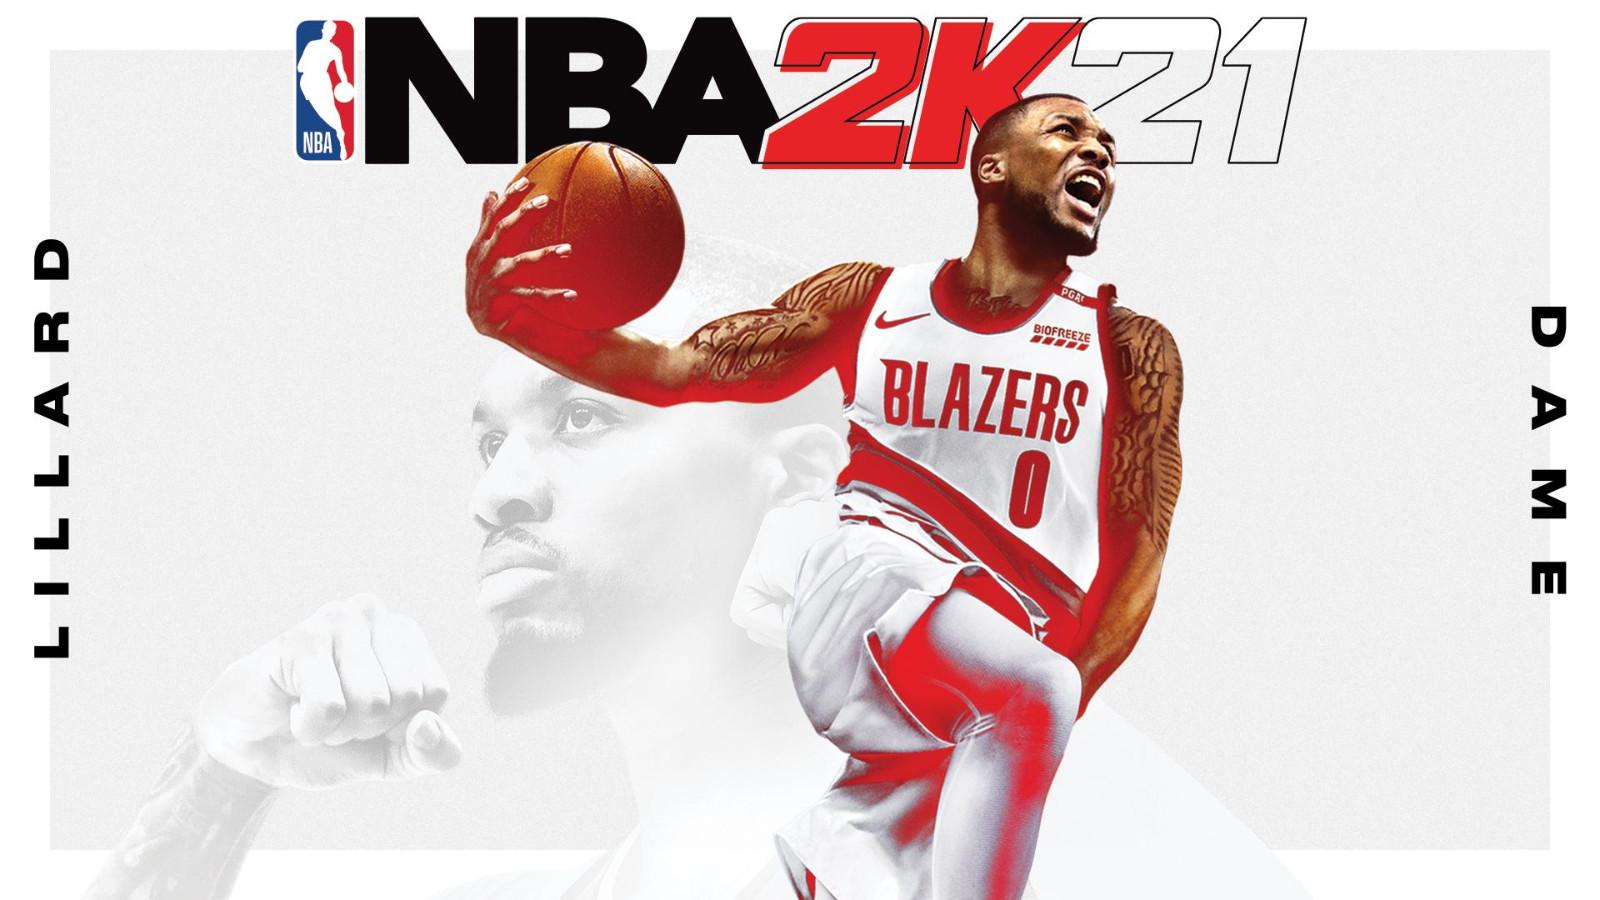 Epic5月21喜加一《NBA2K21》免费领取地址